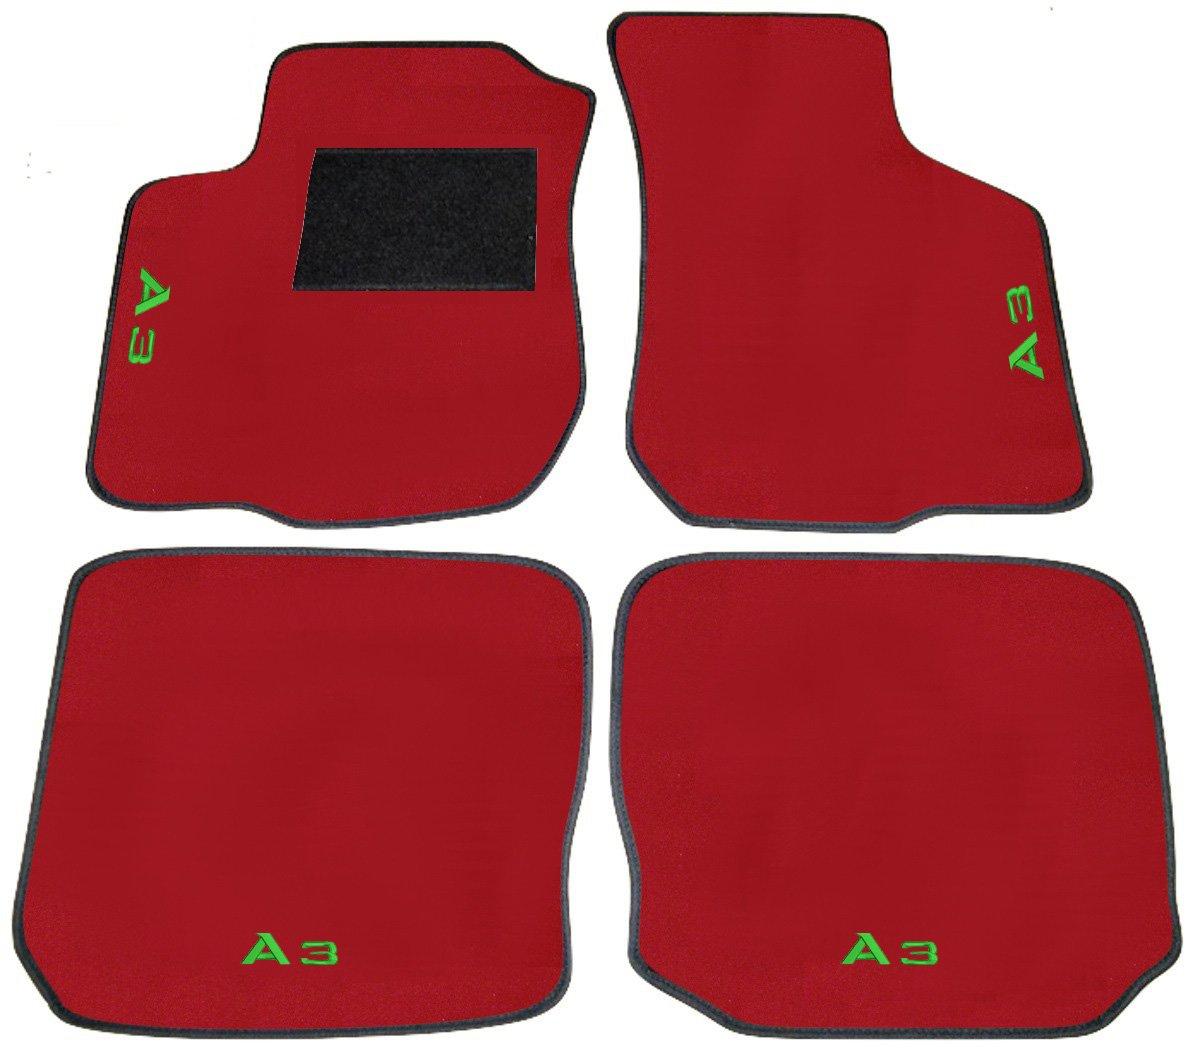 Juego Completo de Alfombras de Moqueta sobre tama/ño con bordado de hilo turquesa Audi A3/8L desde 1996/al 2003/Alfombras para coche rojos con bordo negro y Solera negro